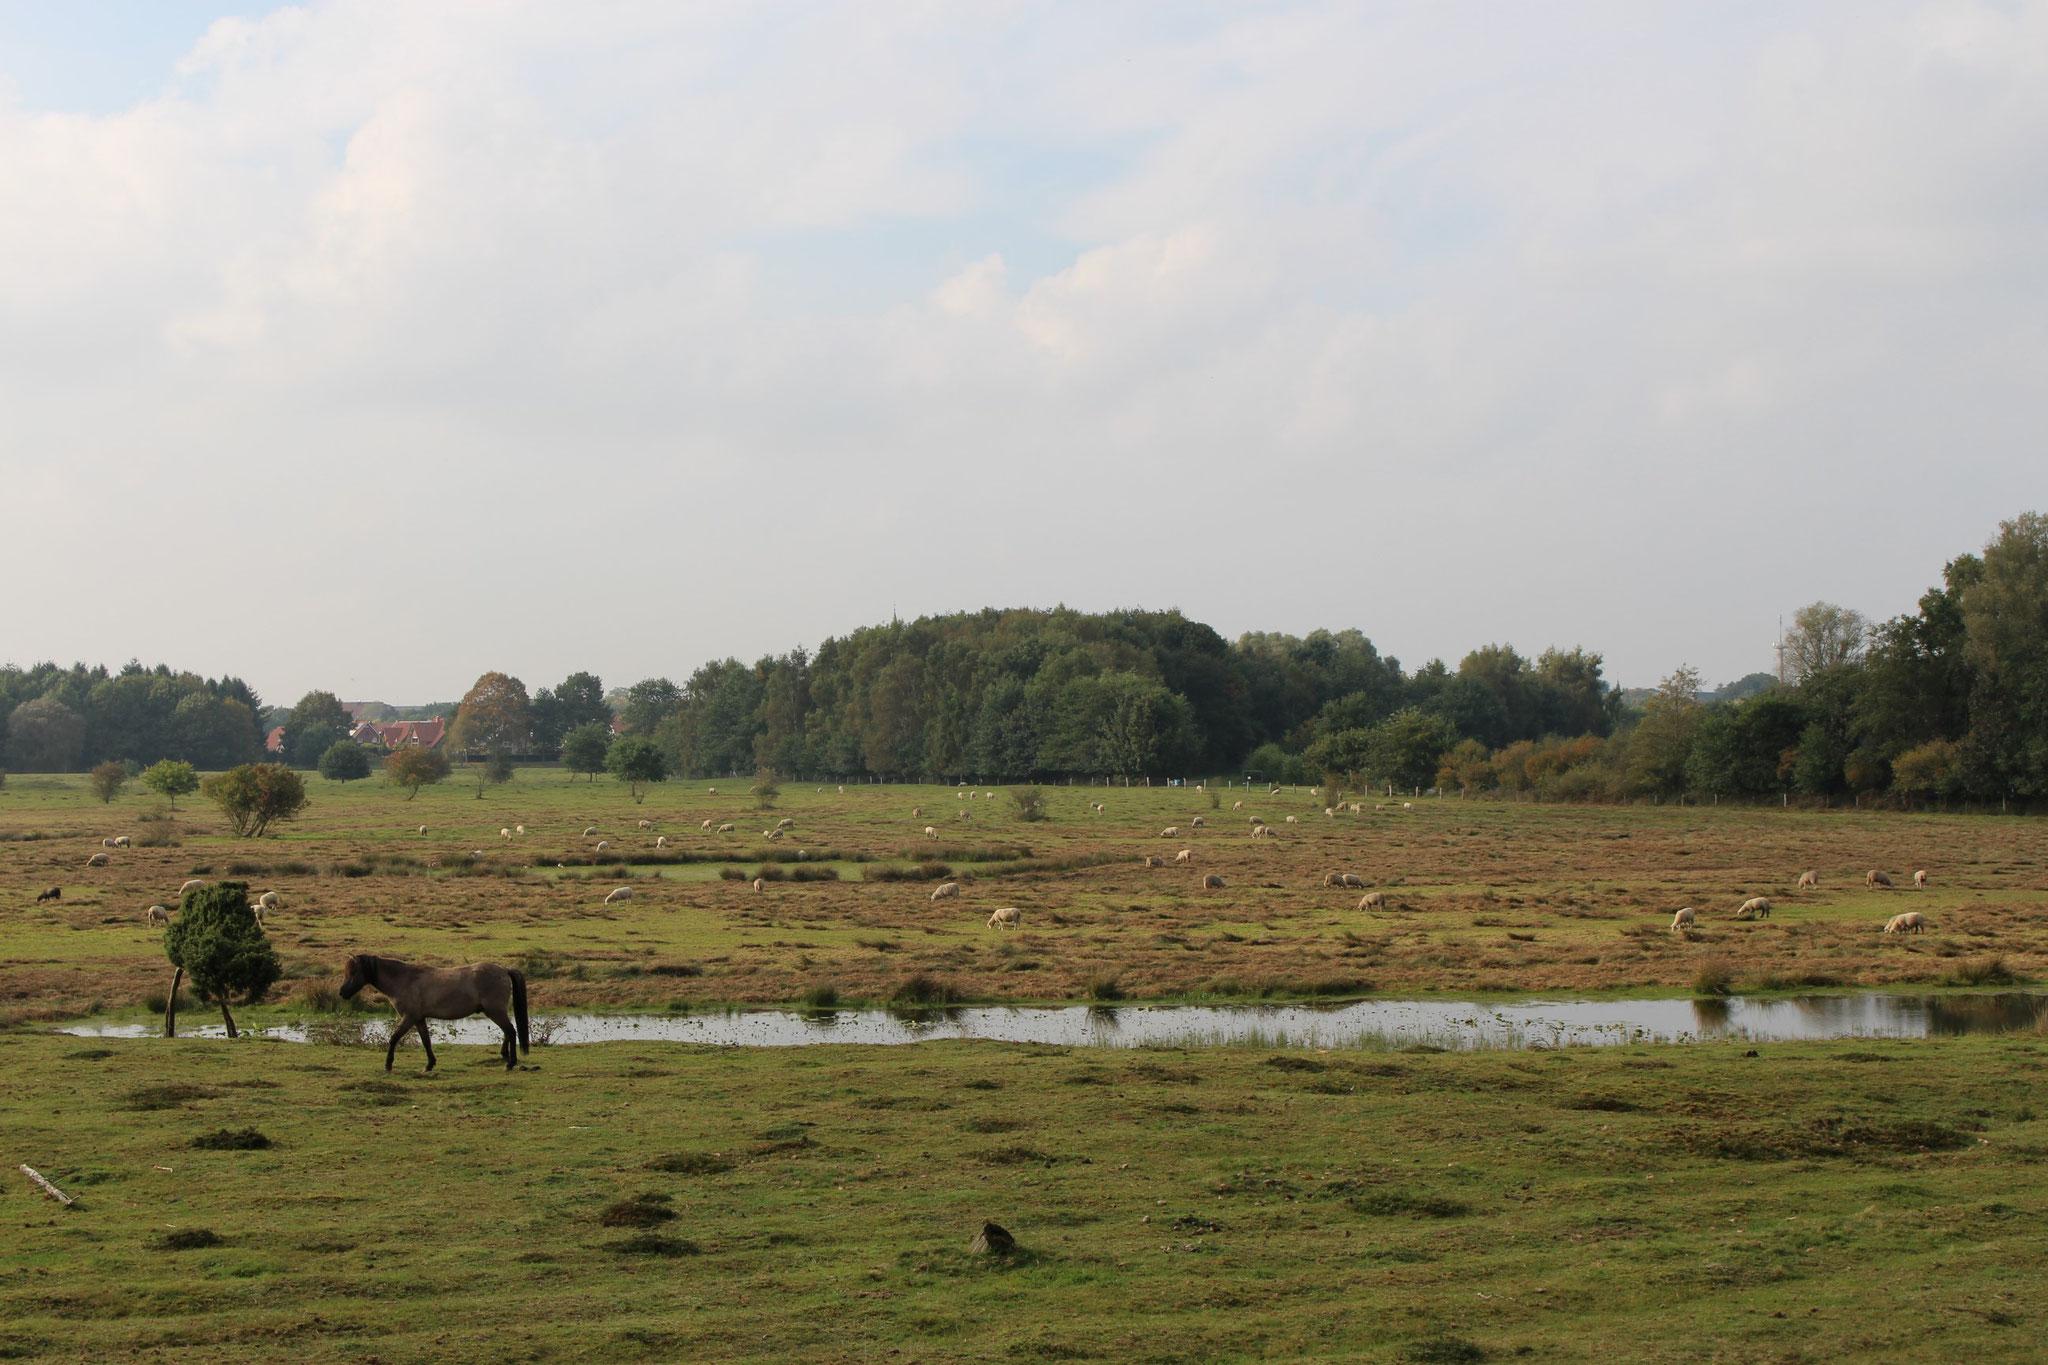 Schafe und Pferde sorgen dafür, dass das NSG nicht zuwächst (Foto: C. Marien)